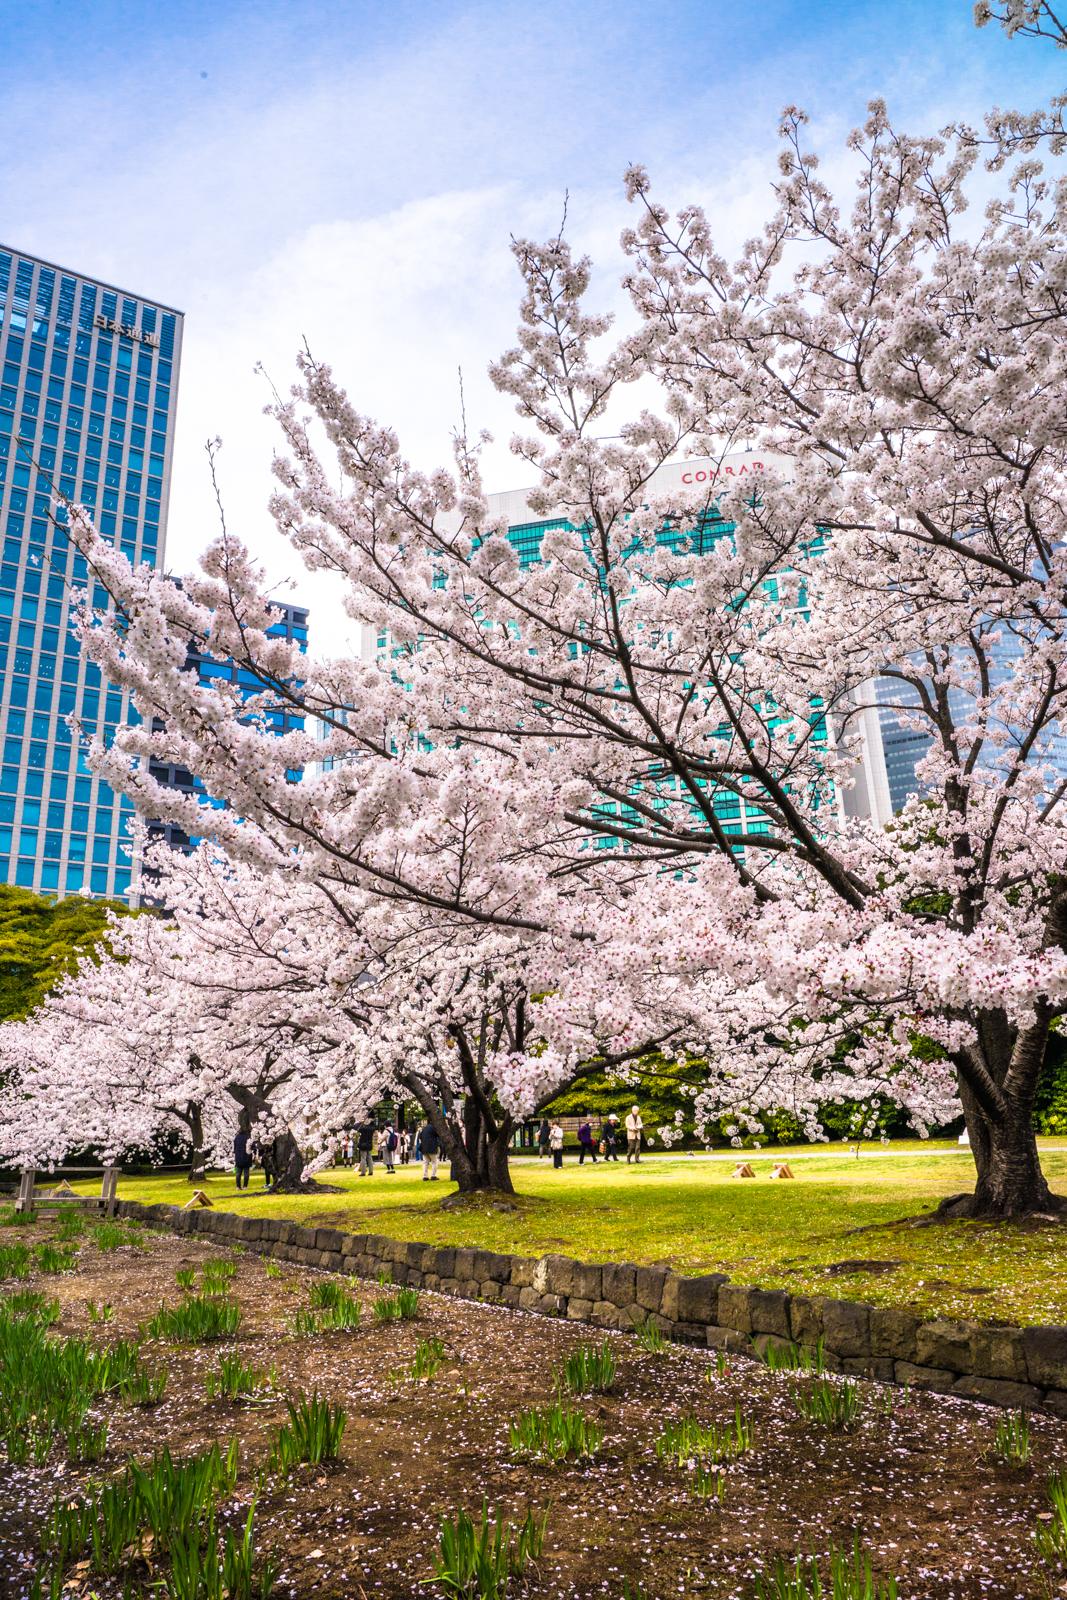 浜離宮恩賜庭園の桜の写真